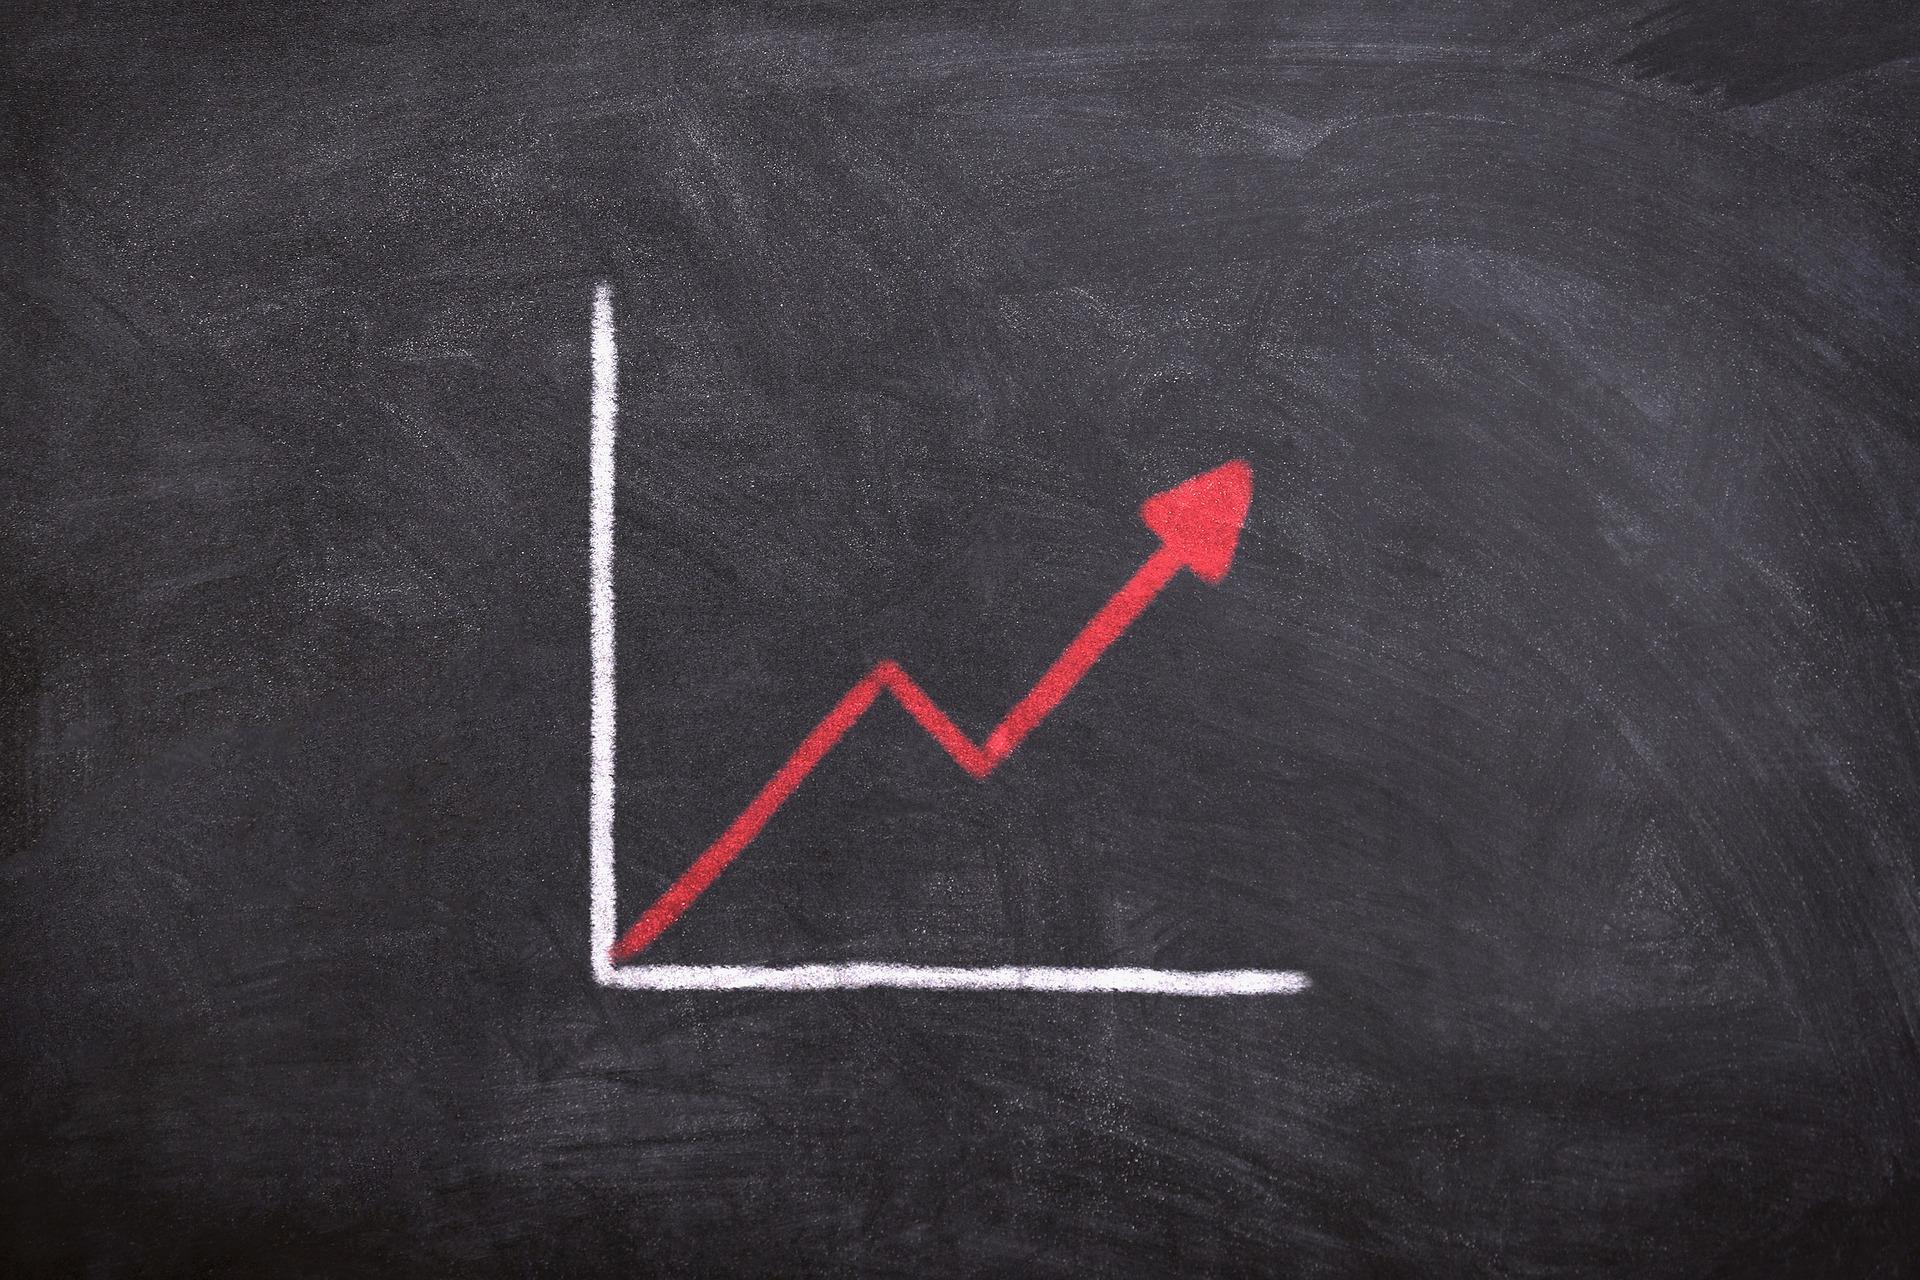 9月のFOMCの焦点は、経済見通し・インフレ見通し・利上げ時期の3点